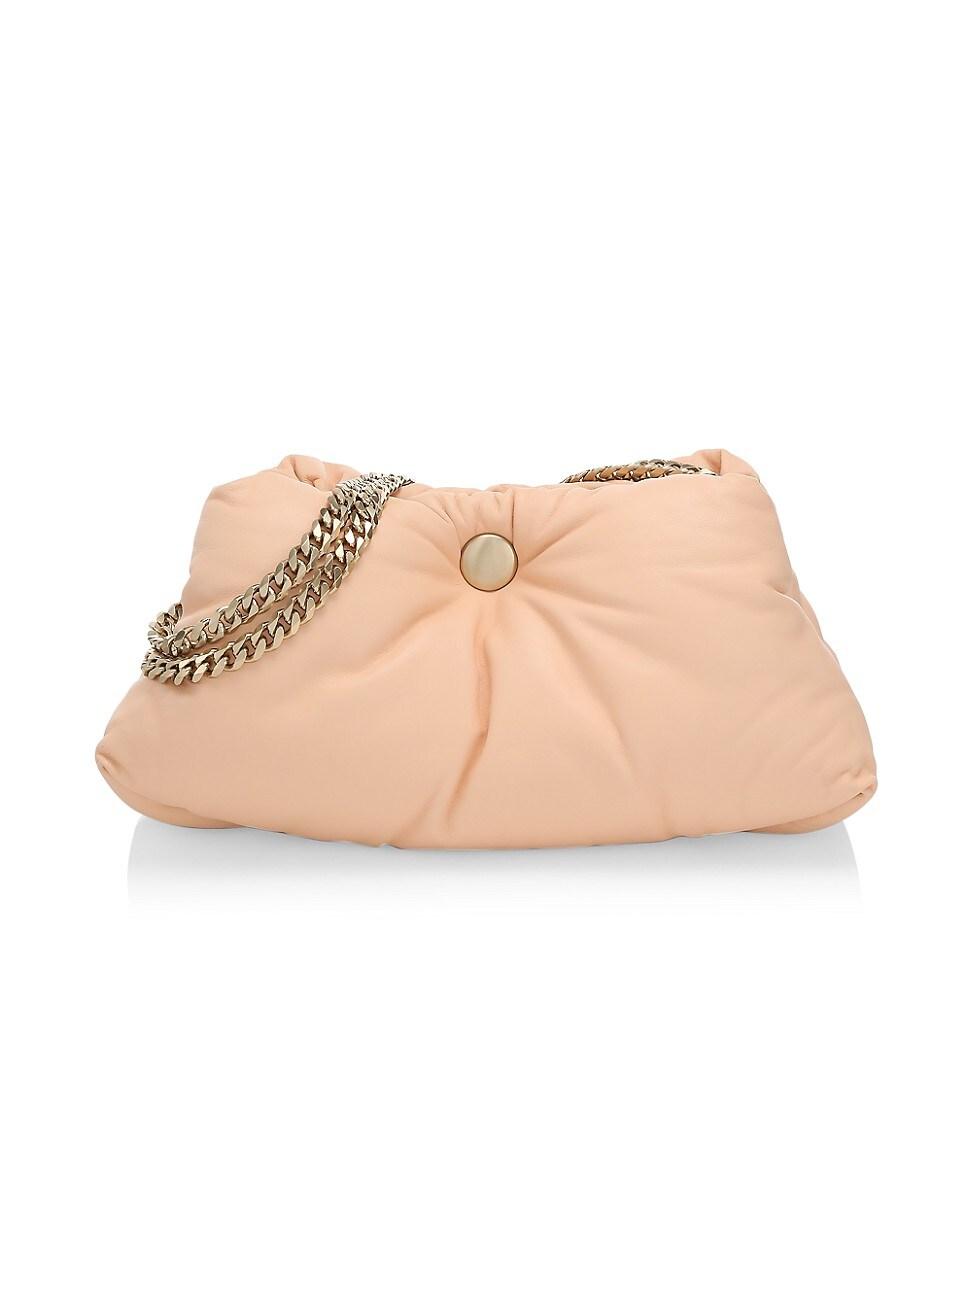 Proenza Schouler WOMEN'S TOBO PUFFY CHAIN BAG